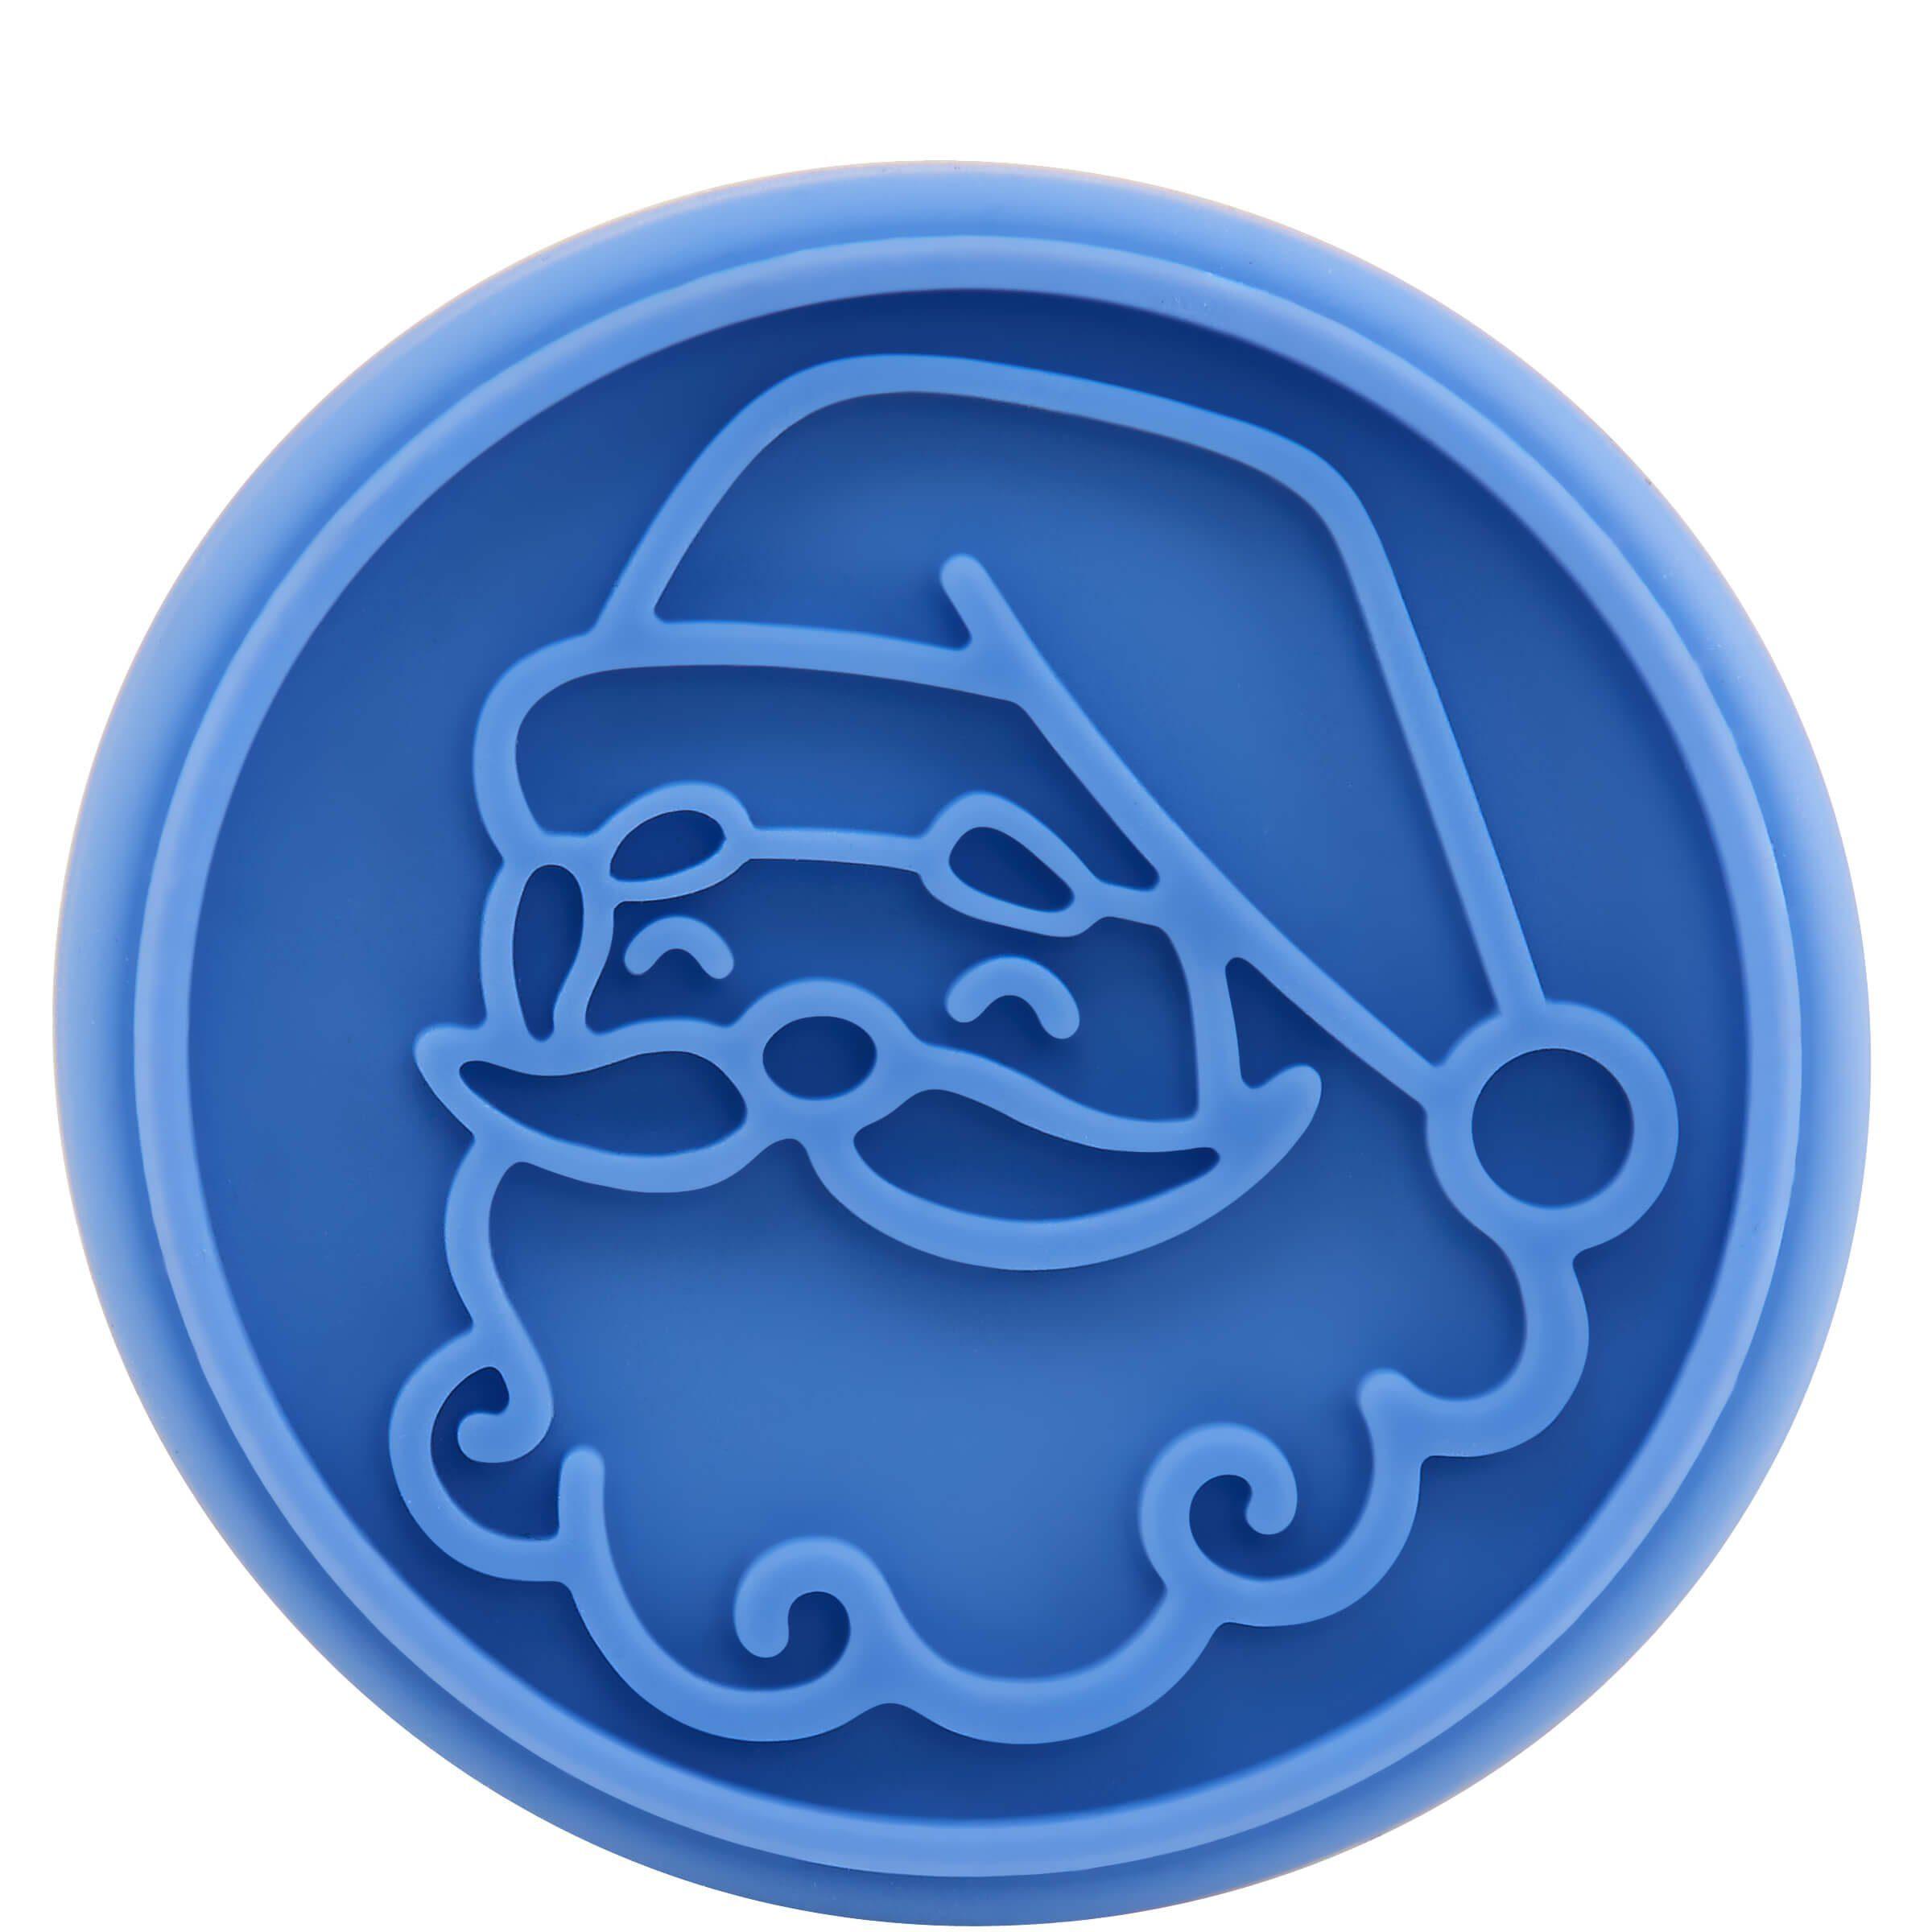 BUTLERS BISCUIT »Keksstempel Weihnachtsmann«